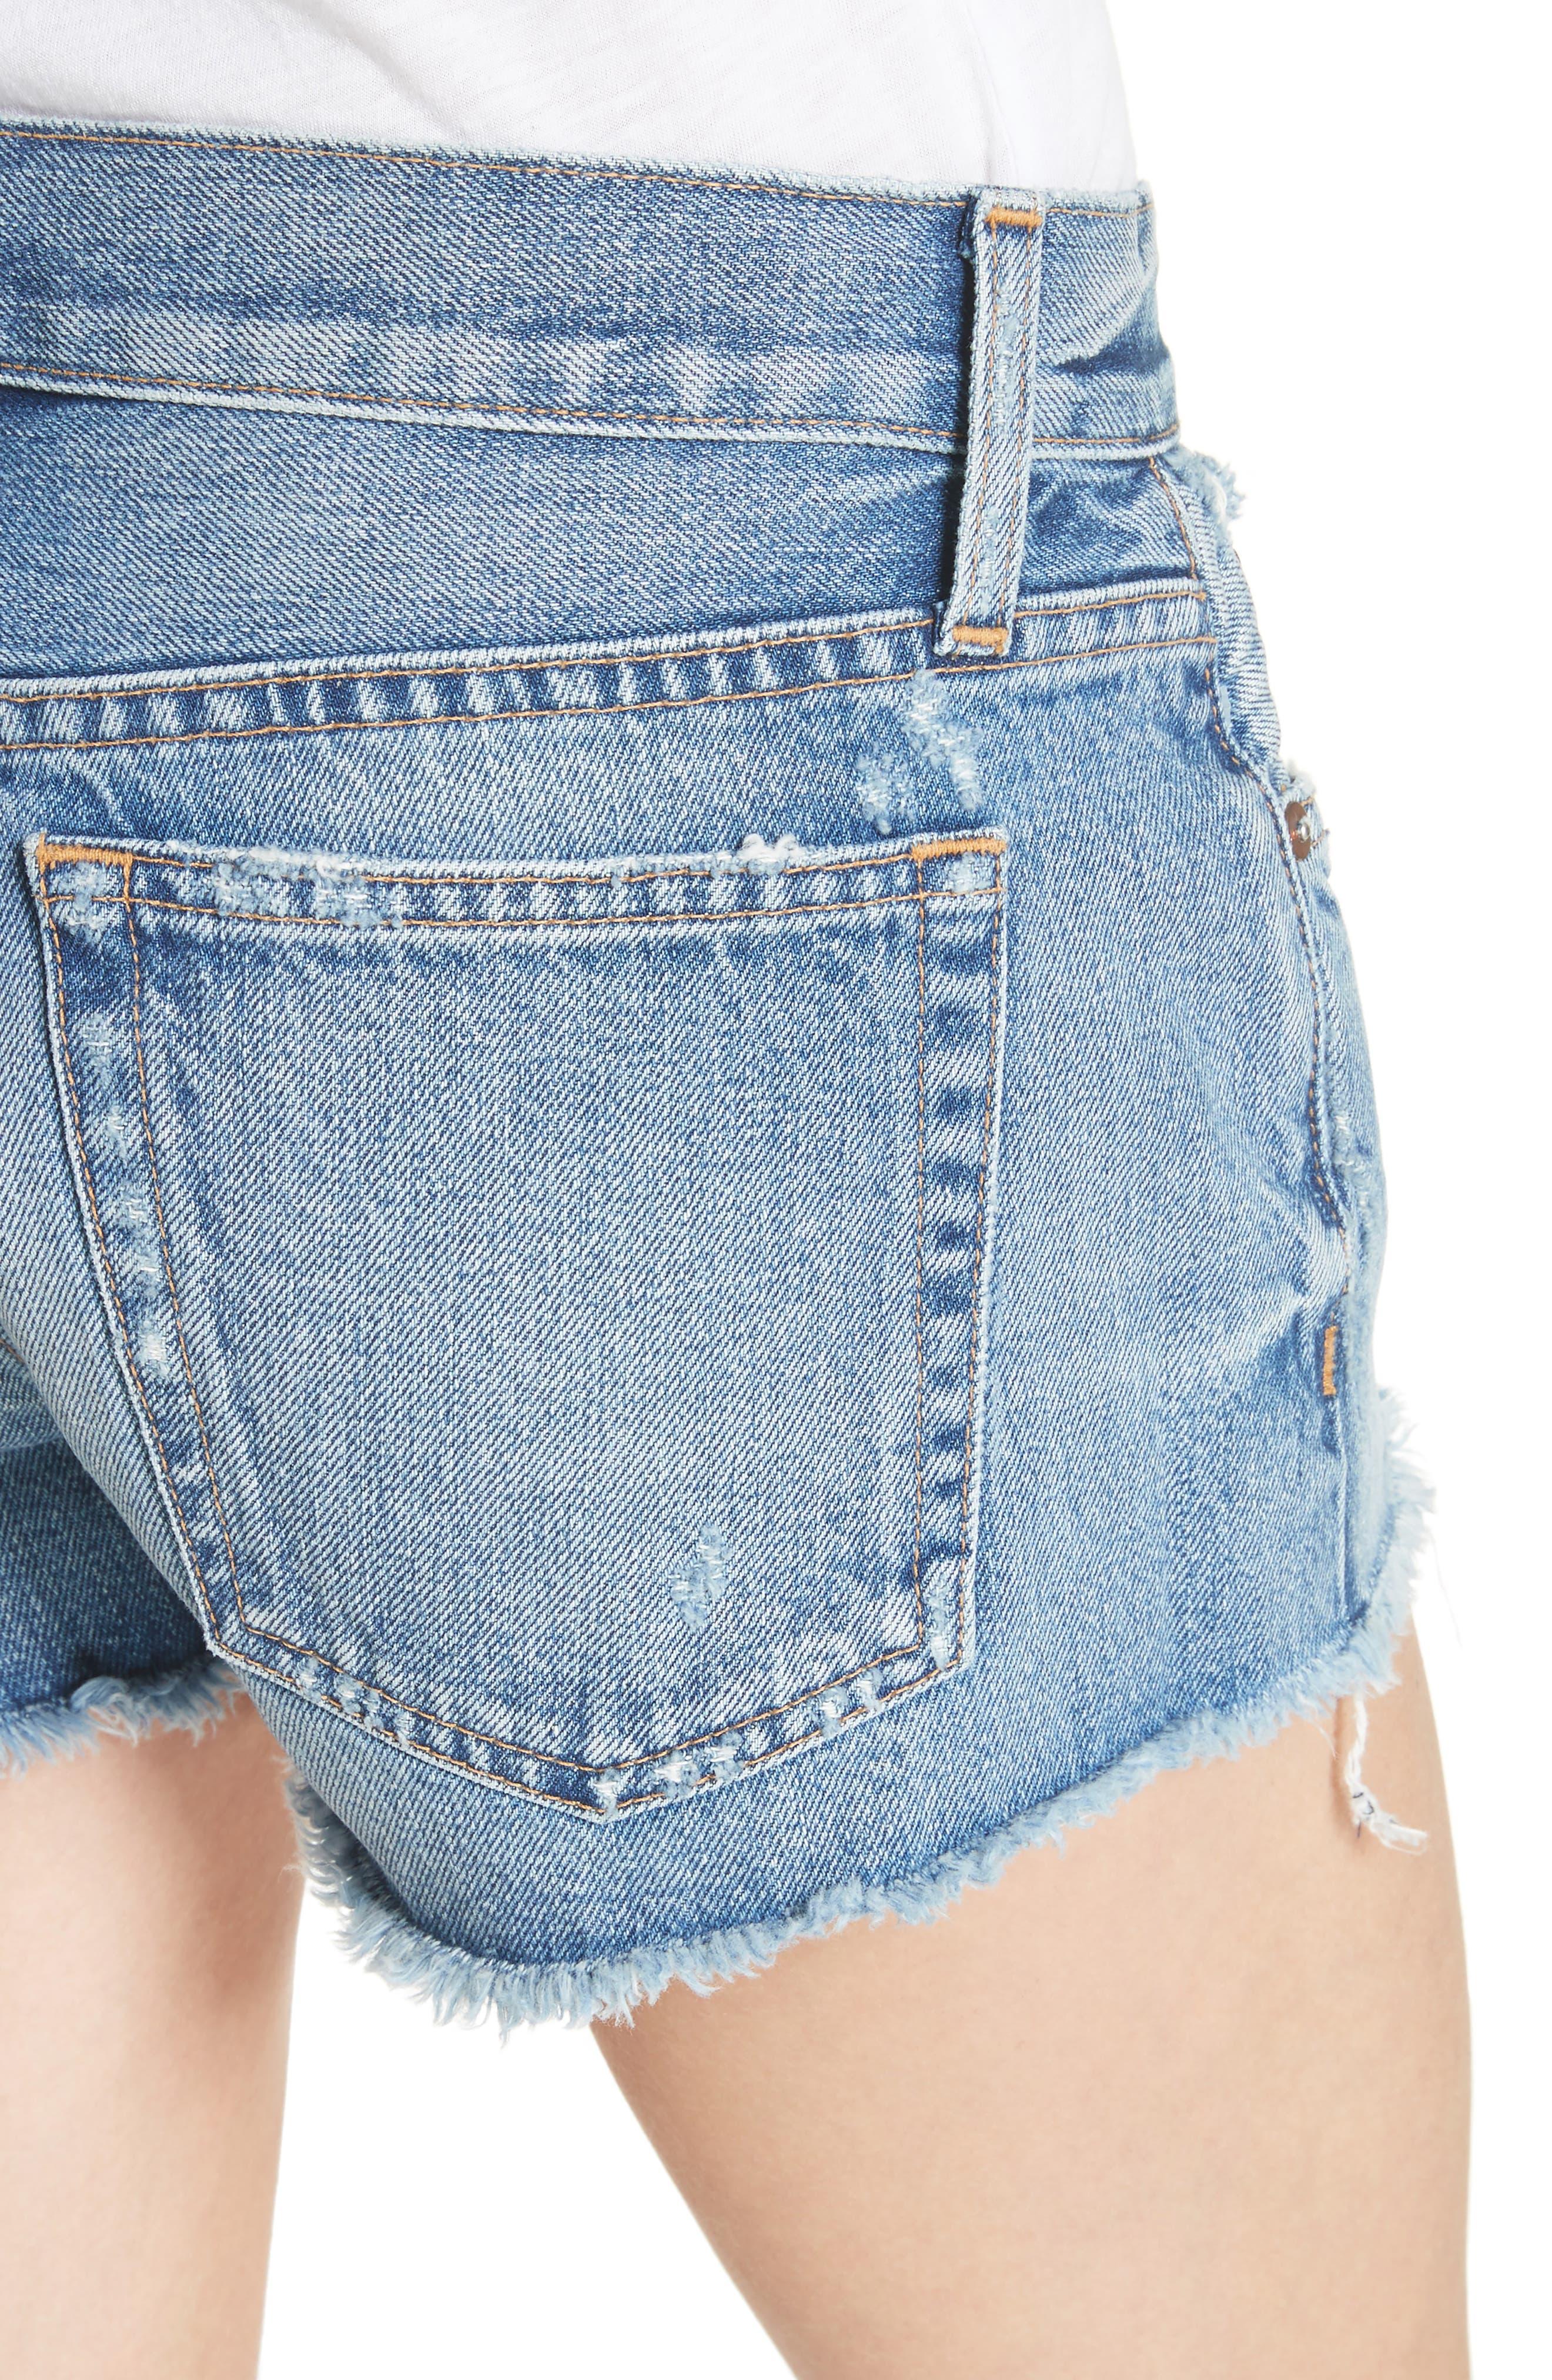 AO.LA Amazing Vintage Denim Shorts,                             Alternate thumbnail 4, color,                             Best Intentions